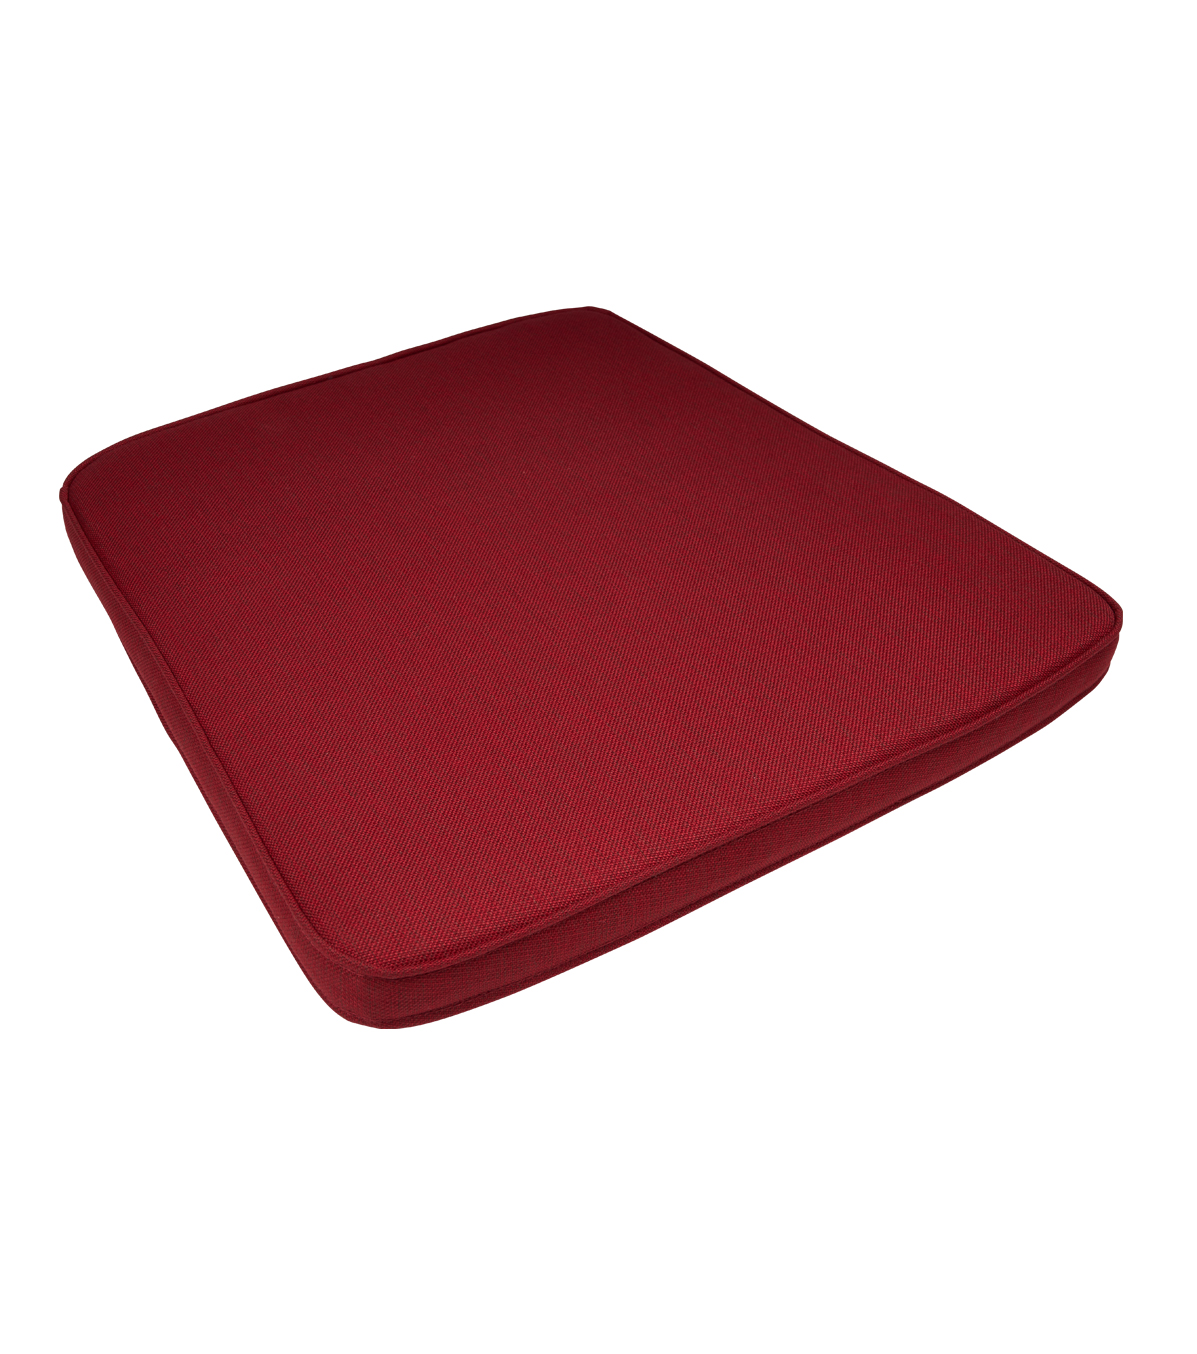 Kussen 3504 rood